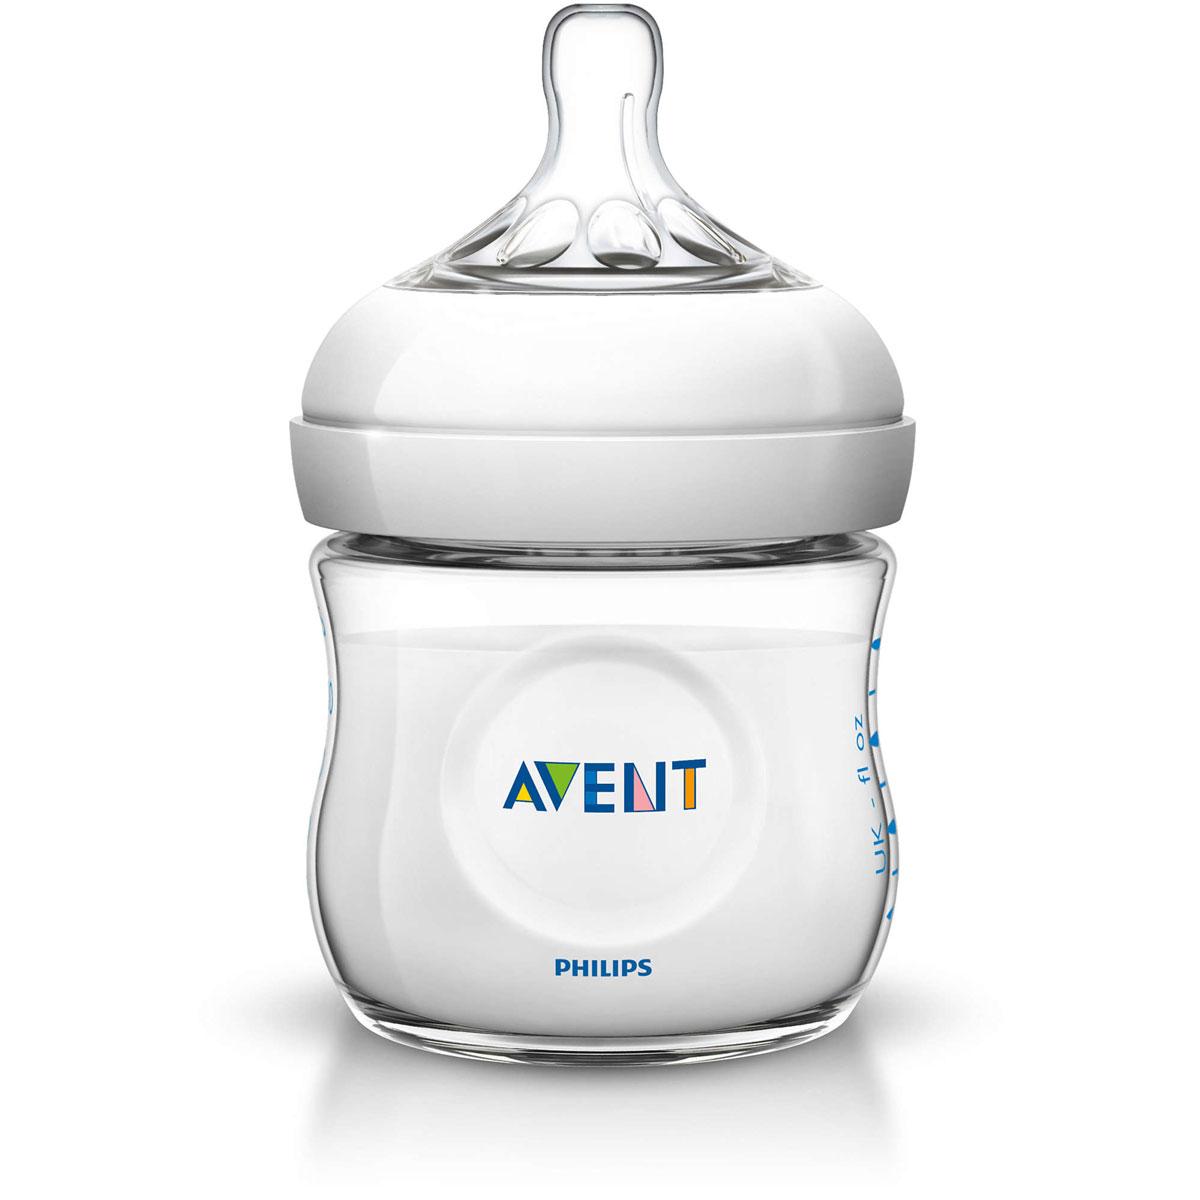 Philips Avent Бутылочка серии Natural, 125 мл, 0мес+, 1 шт SCF690/17SCF690/17Форма бутылочки Philips Aven Natural обеспечивает более естественное кормление из бутылочки для малыша и для вас. Инновационный двойной клапан снижает вероятность колик, так как воздух поступает в бутылочку, а не в животик малыша. При использовании бутылочки Philips Aven Natural мама может быть спокойна - благодаря особой конструкции и форме соски ребенок совершает при сосании те же движения и, главное, прикладывает такое же усилие и задействует те же группы мышц, что и при кормлении грудью. Поэтому при кормлении из бутылочки Natural риск отказа от груди сведен к минимуму. Как и при грудном вскармливании, ребенок сам управляет потоком жидкости. Малыш контролирует поток молока, почти как при грудном кормлении, что помогает сократить риск переедания и отрыгивания пищи. Соска с инновационной лепестковой конструкцией, повторяющей форму груди, позволяет легко комбинировать кормление грудью и кормление из бутылочки. Специальные лепестки внутри соски делают ее более мягкой и...